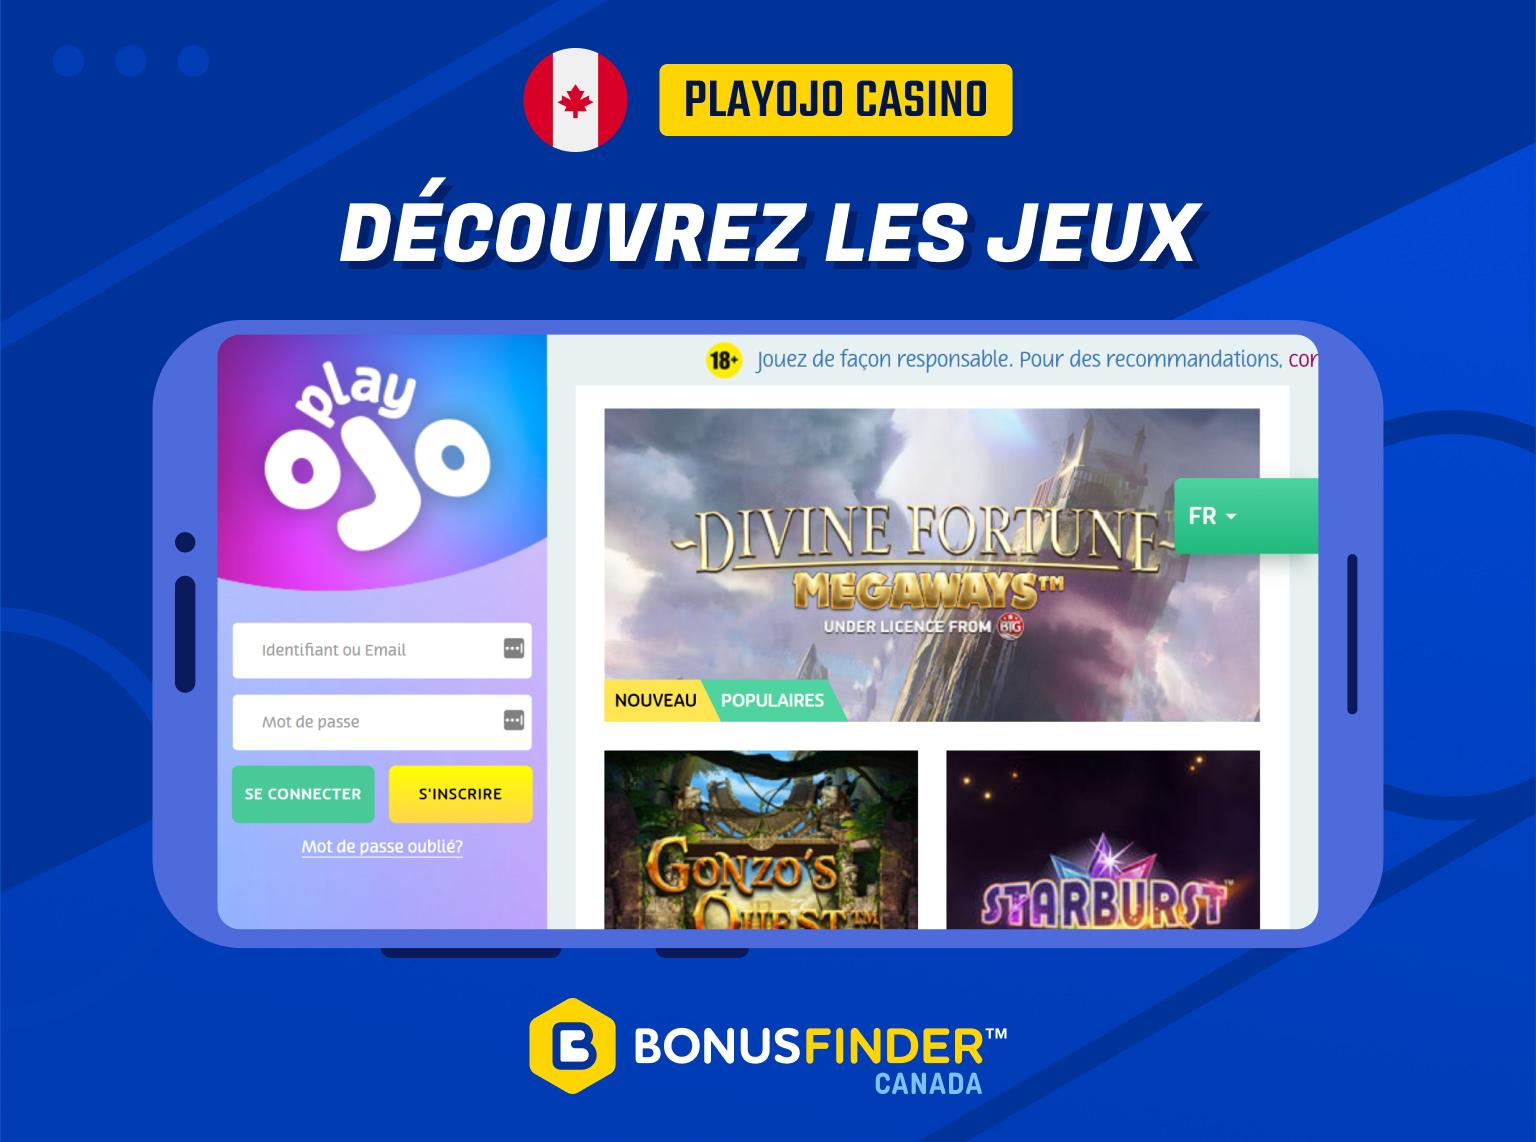 playojo casino jeux